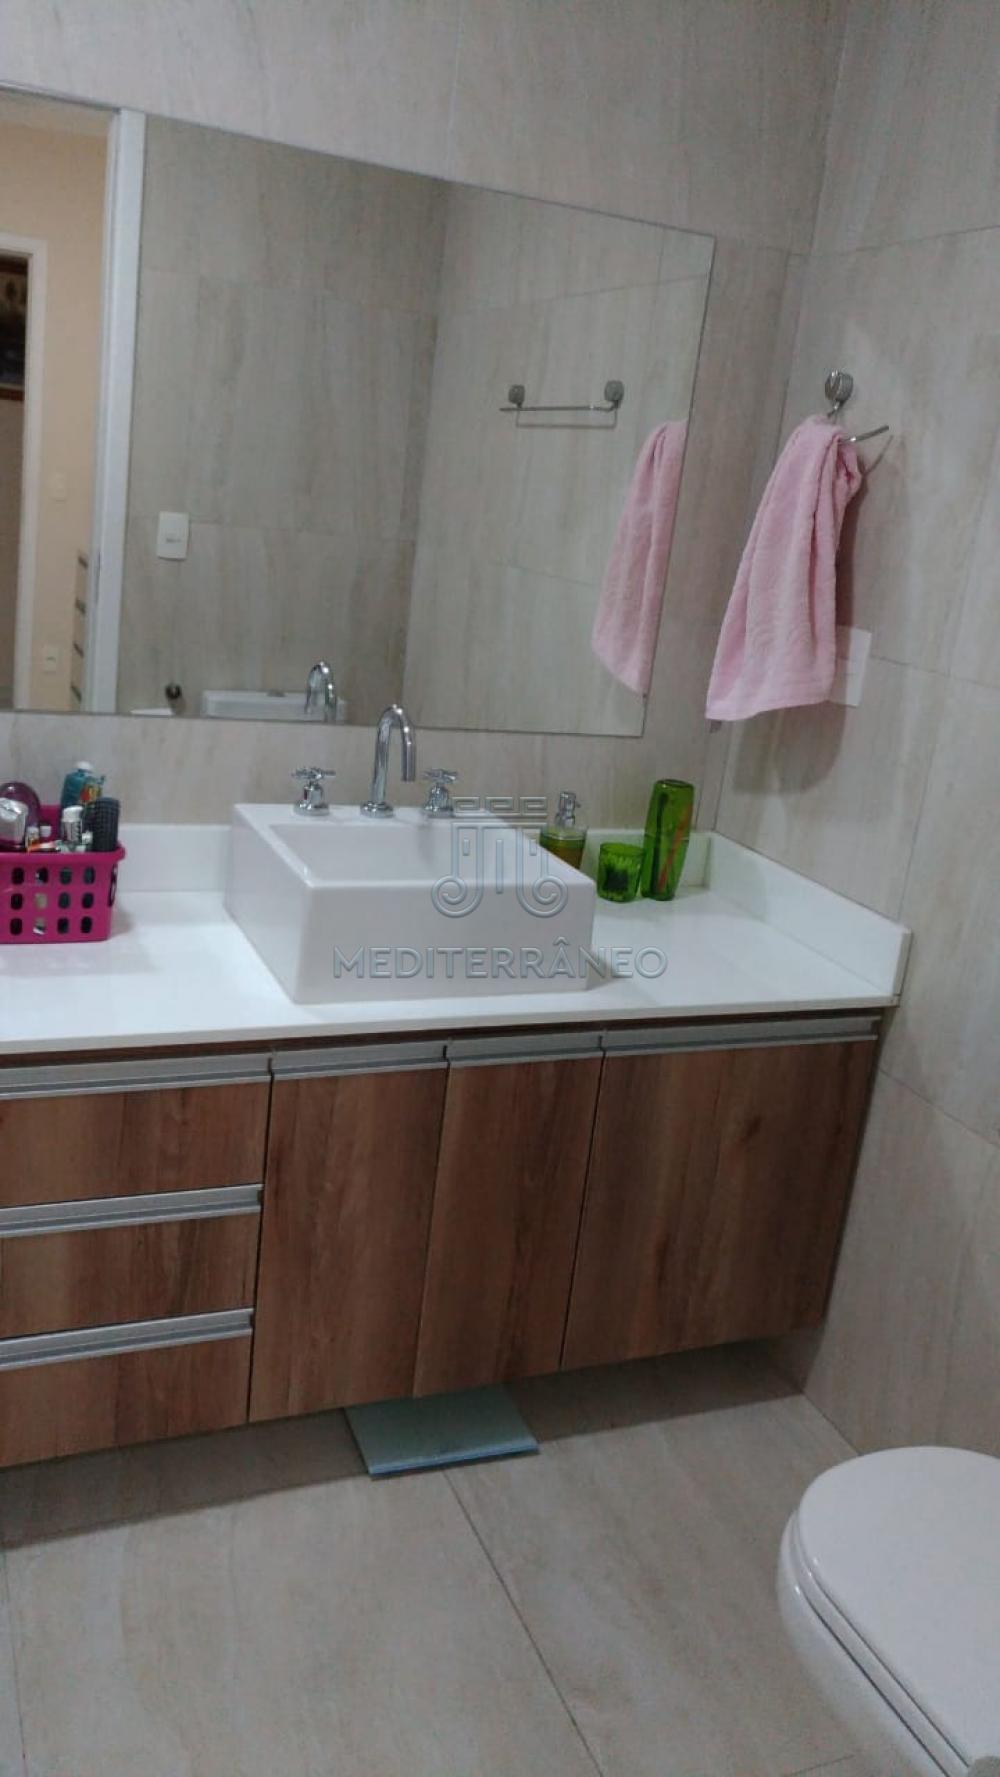 Alugar Apartamento / Padrão em Jundiaí apenas R$ 4.500,00 - Foto 17